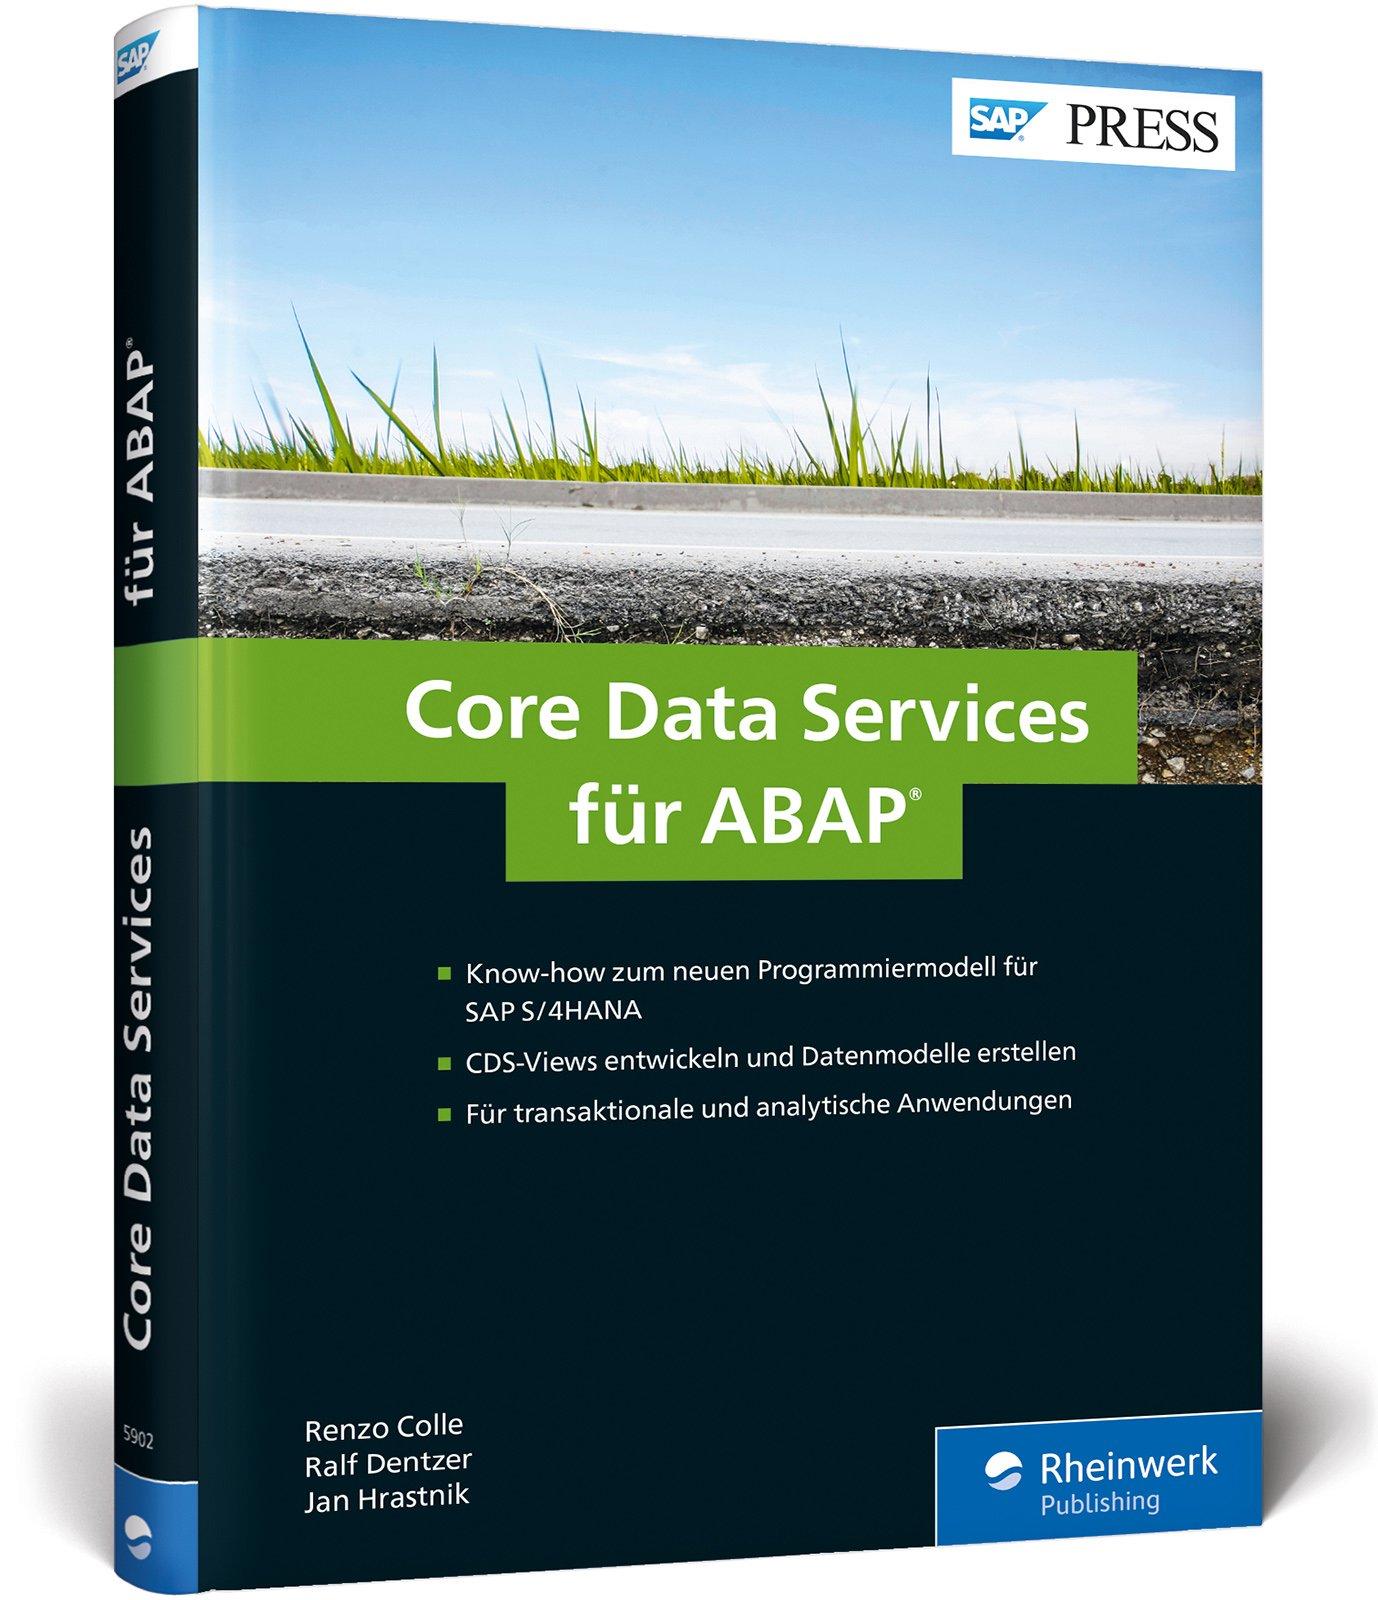 Core Data Services für ABAP: CDS-Views und Datenmodelle für SAP S/4HANA entwickeln (SAP PRESS)